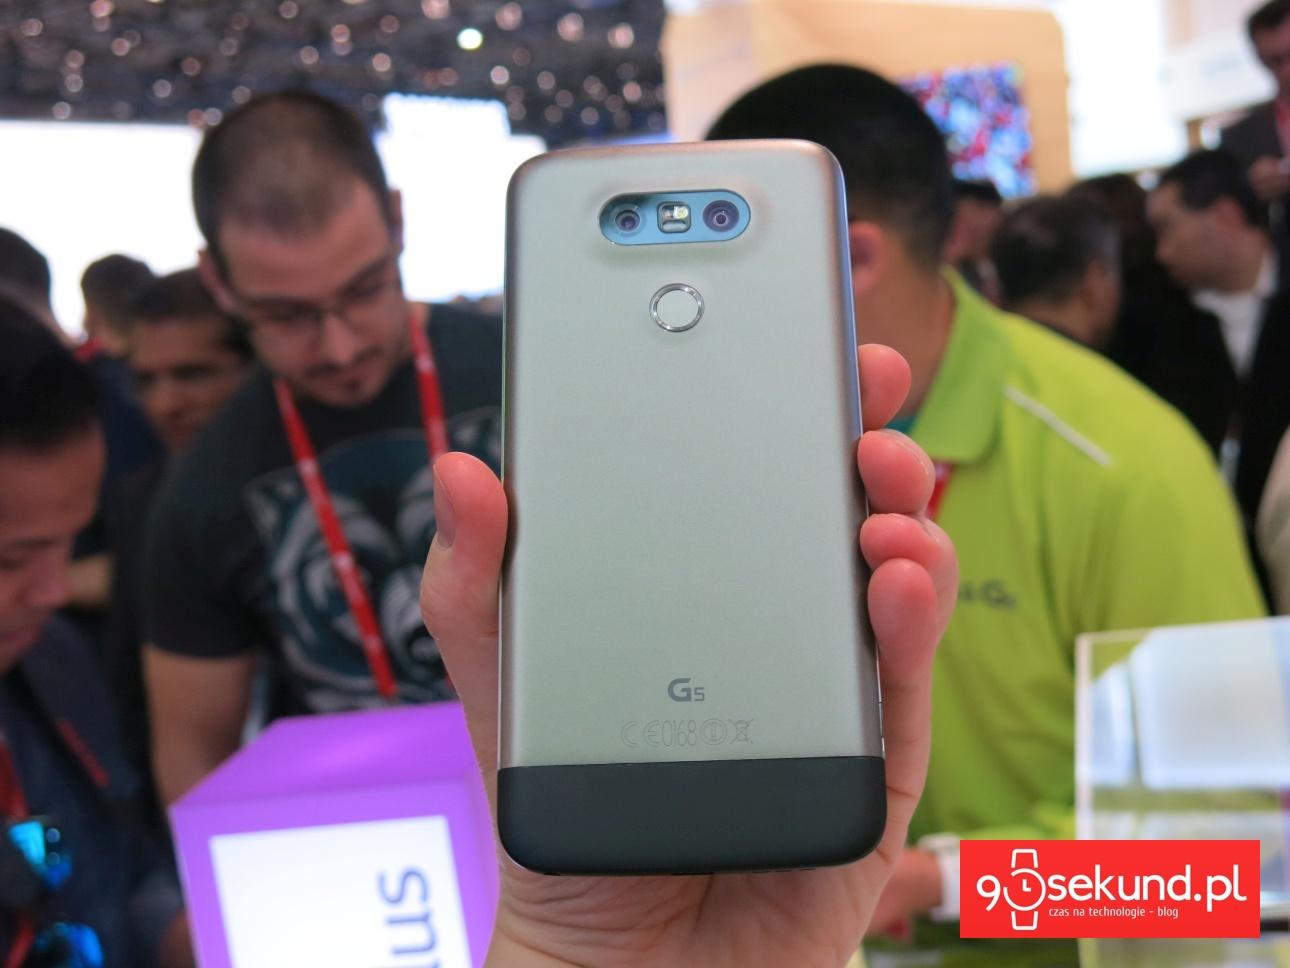 LG G5 z zainstalowanym modułem LG Hi-Fi Plus - 90sekund.pl